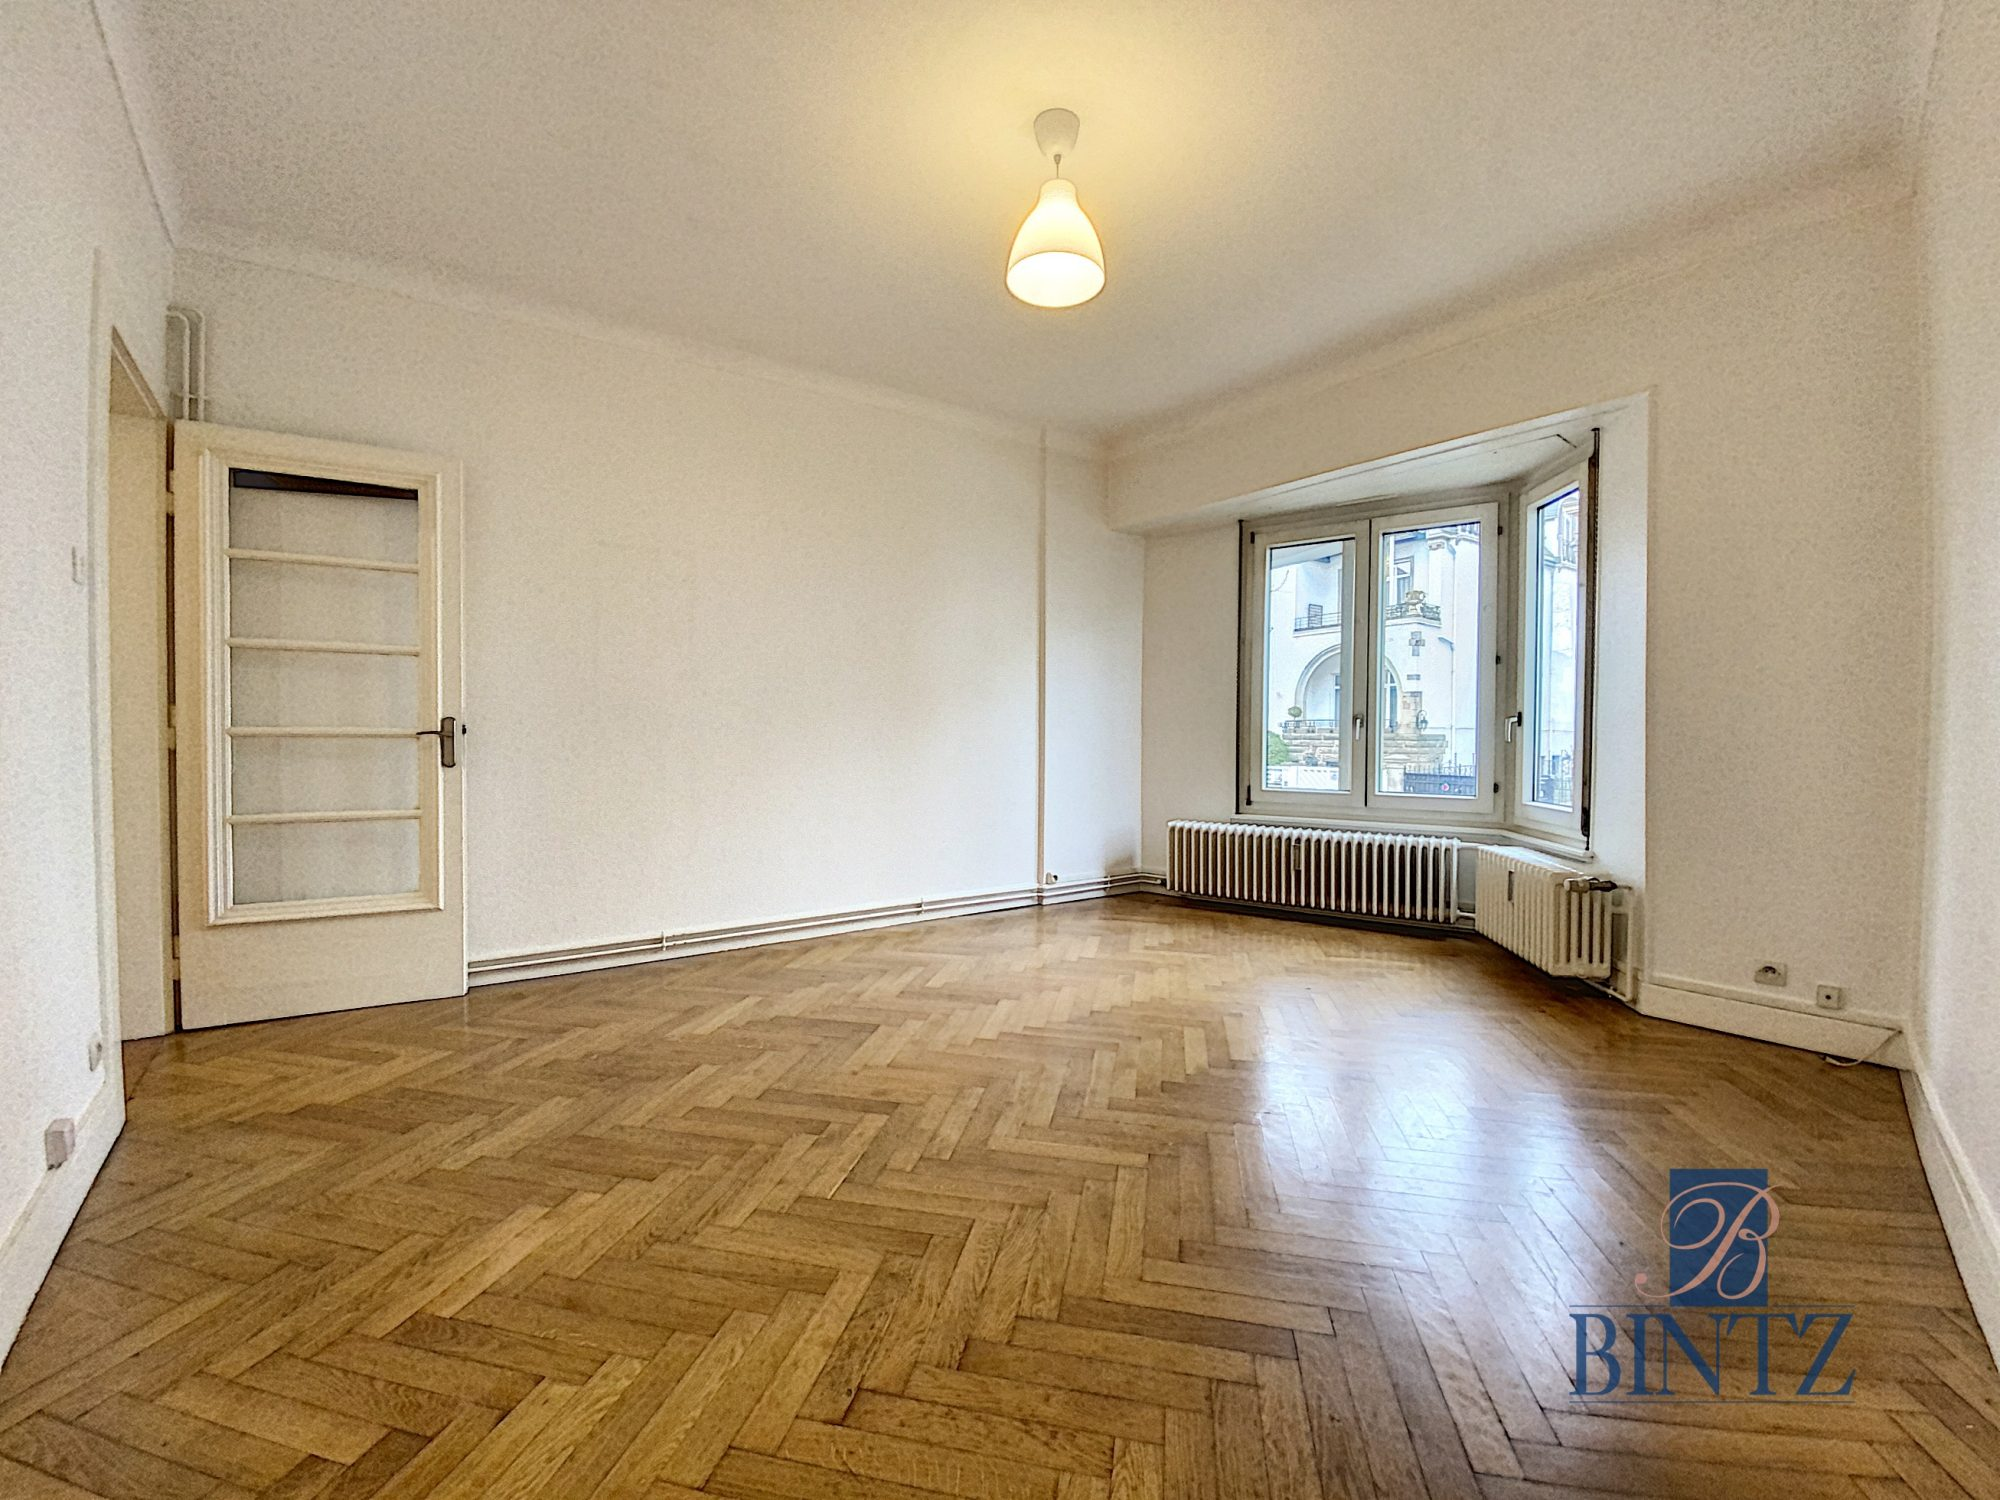 3P avec terrasse orangerie - Devenez locataire en toute sérénité - Bintz Immobilier - 4